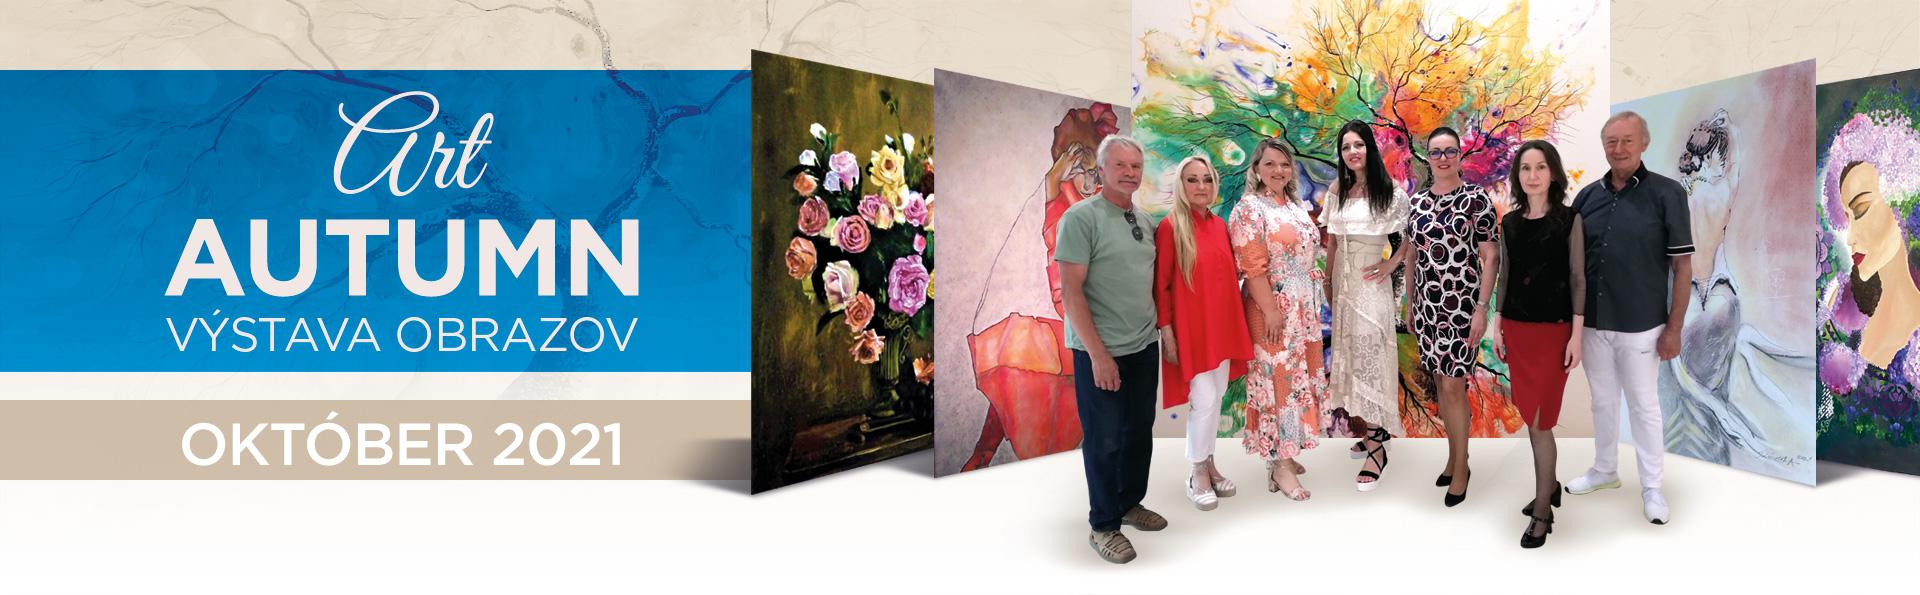 Art AUTUMN – výstava obrazov